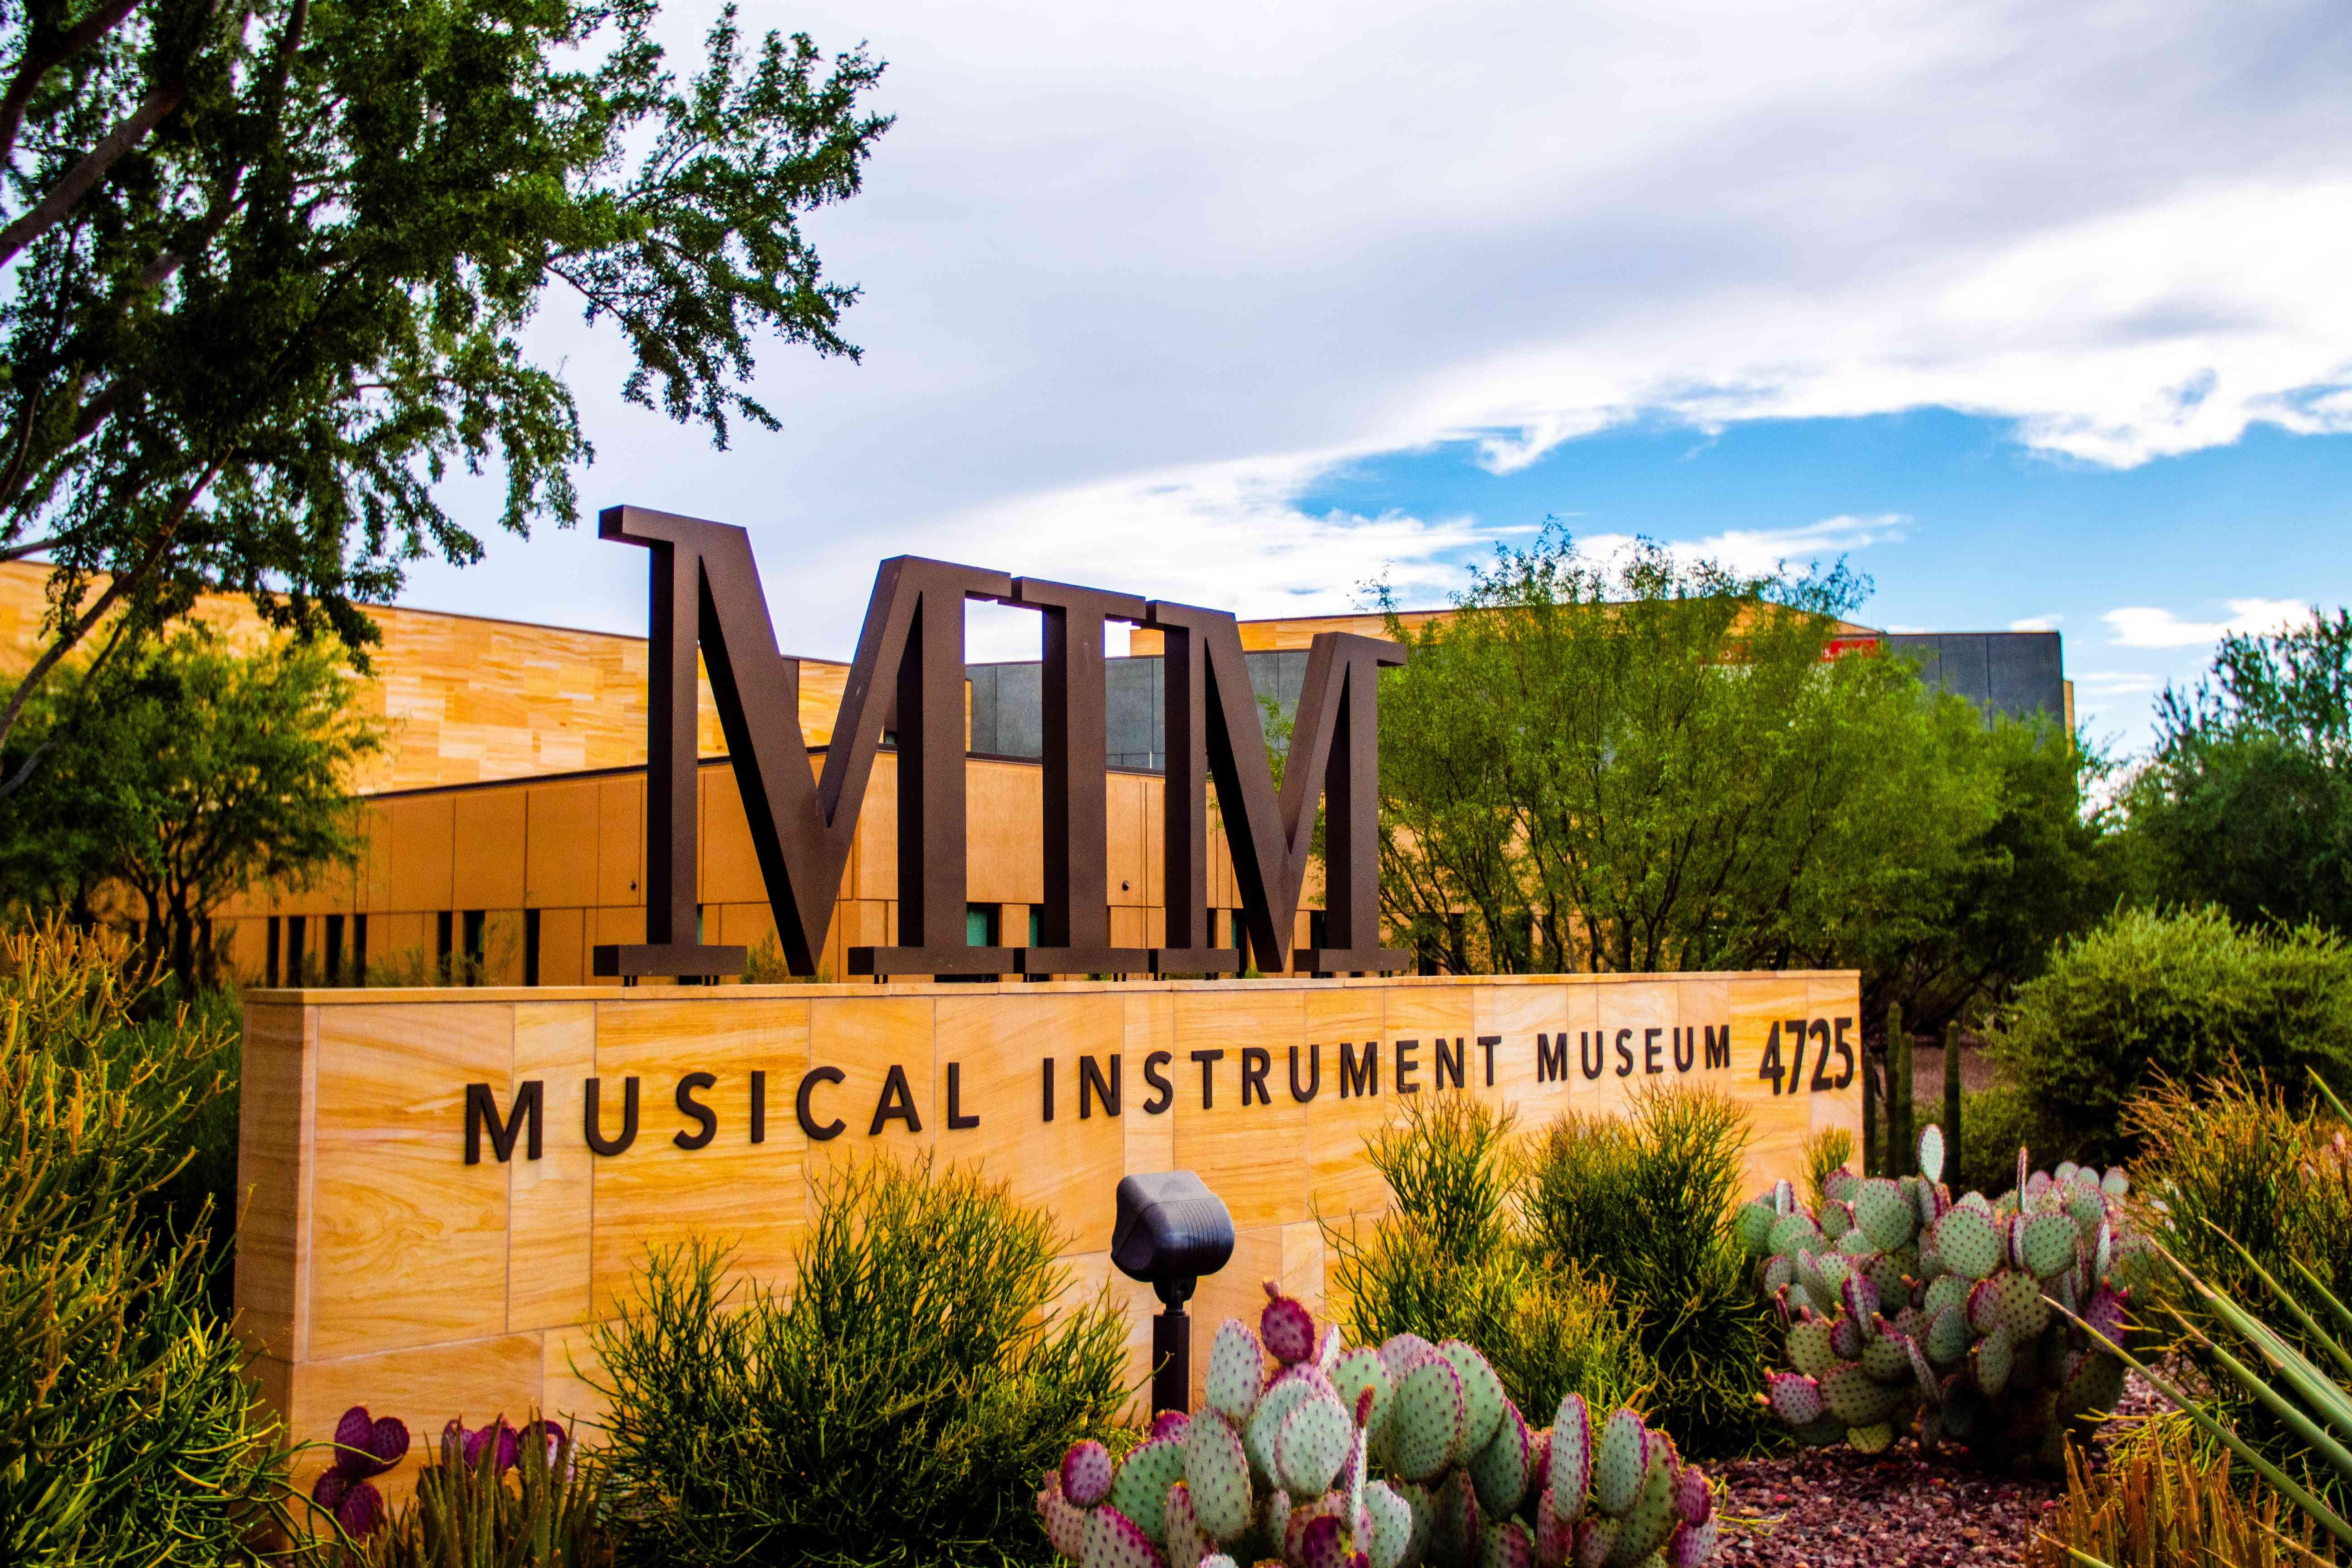 Musical Instrument Museum, Phoenix, Arizona